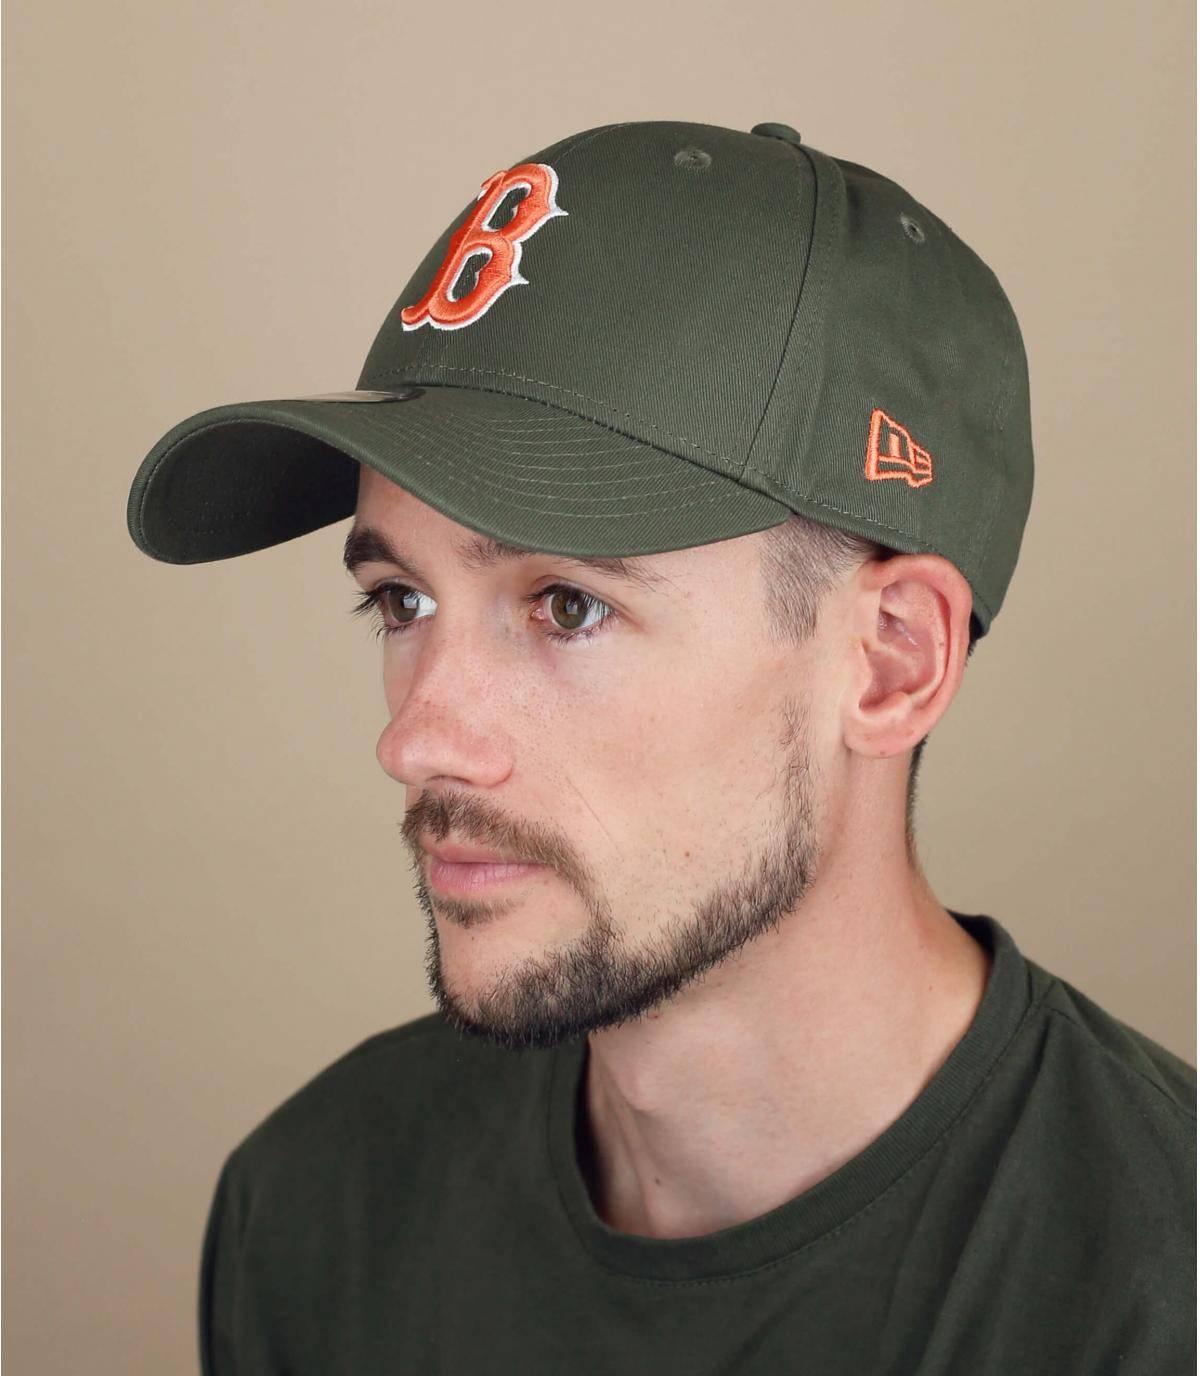 groene B-cap